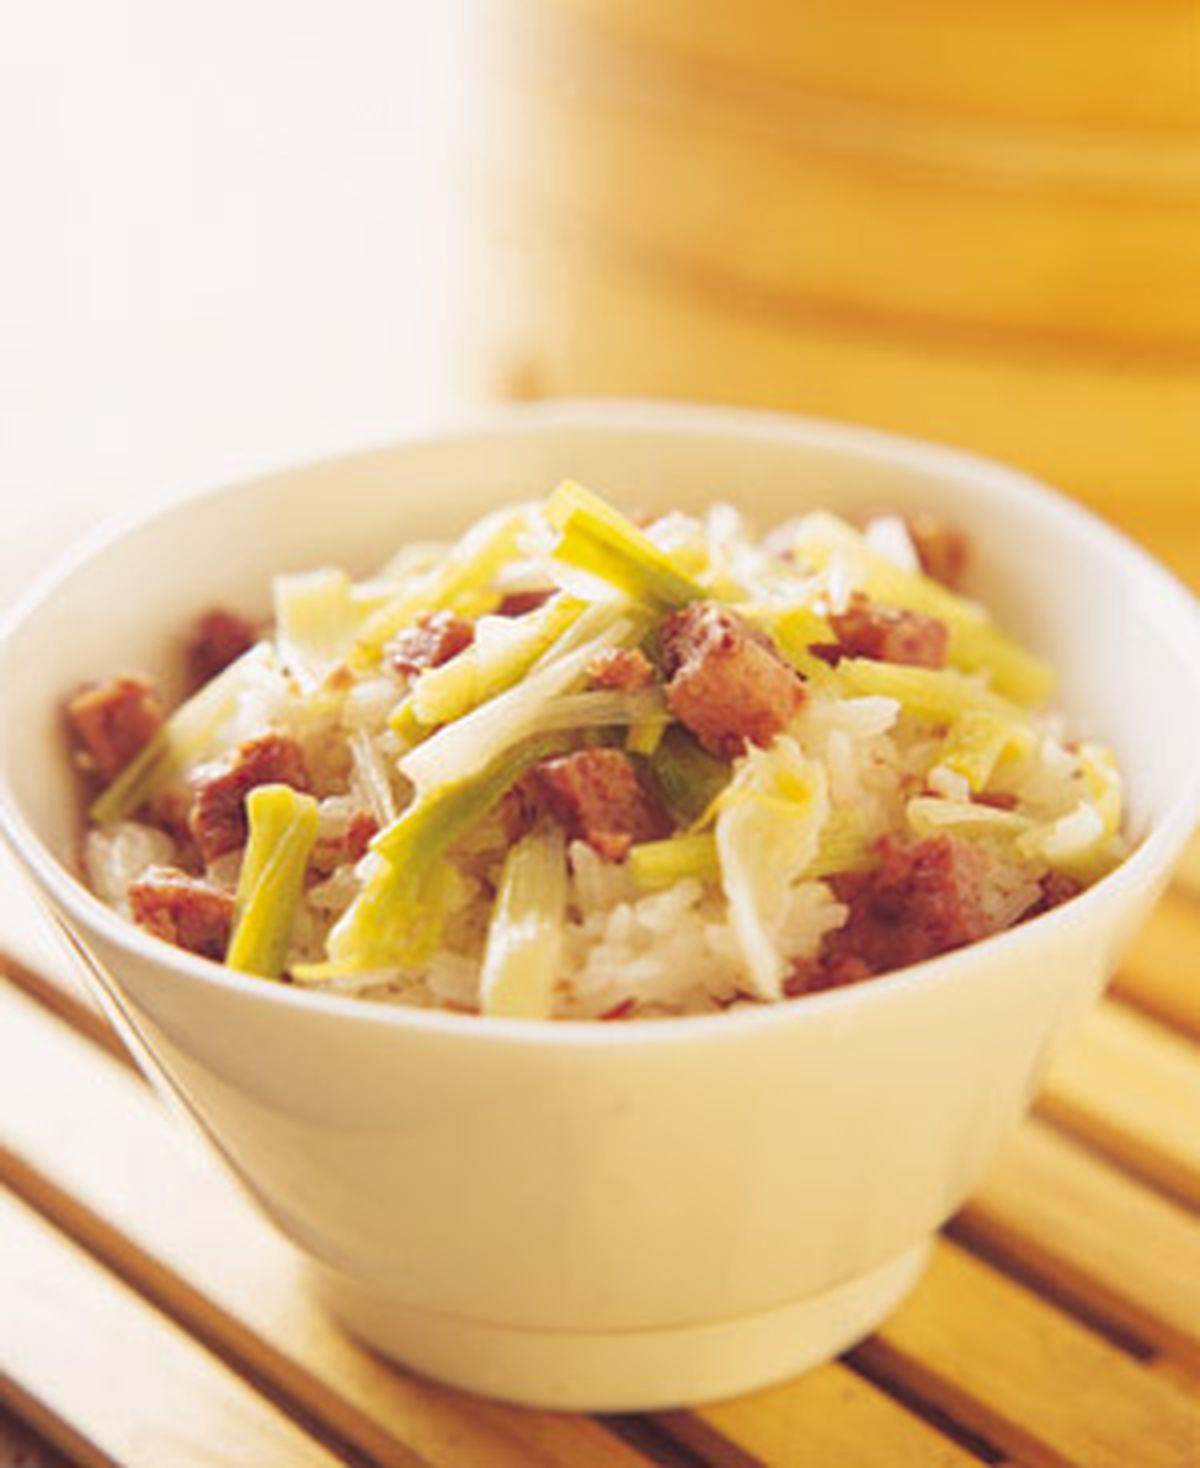 食譜:蒜苗糯米飯